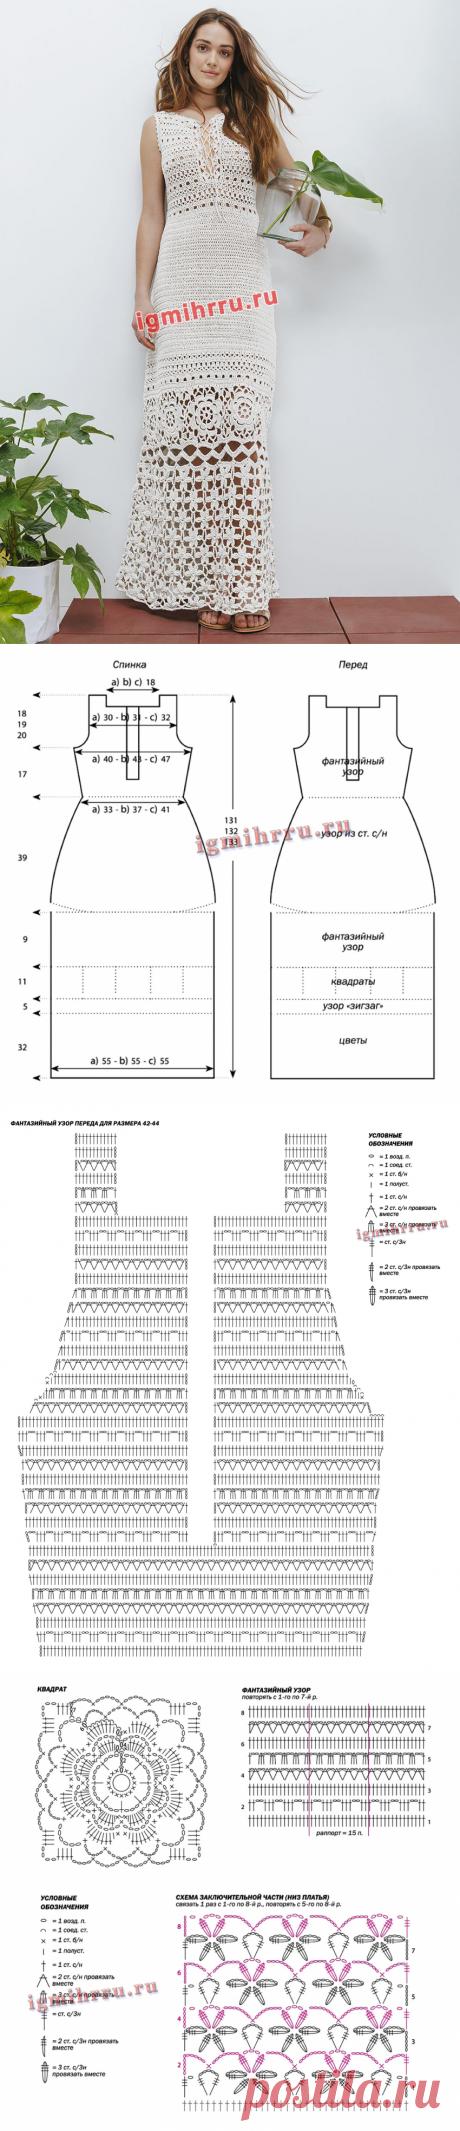 Элегантное длинное платье с сочетанием узоров. Вязание крючком со схемами и описанием